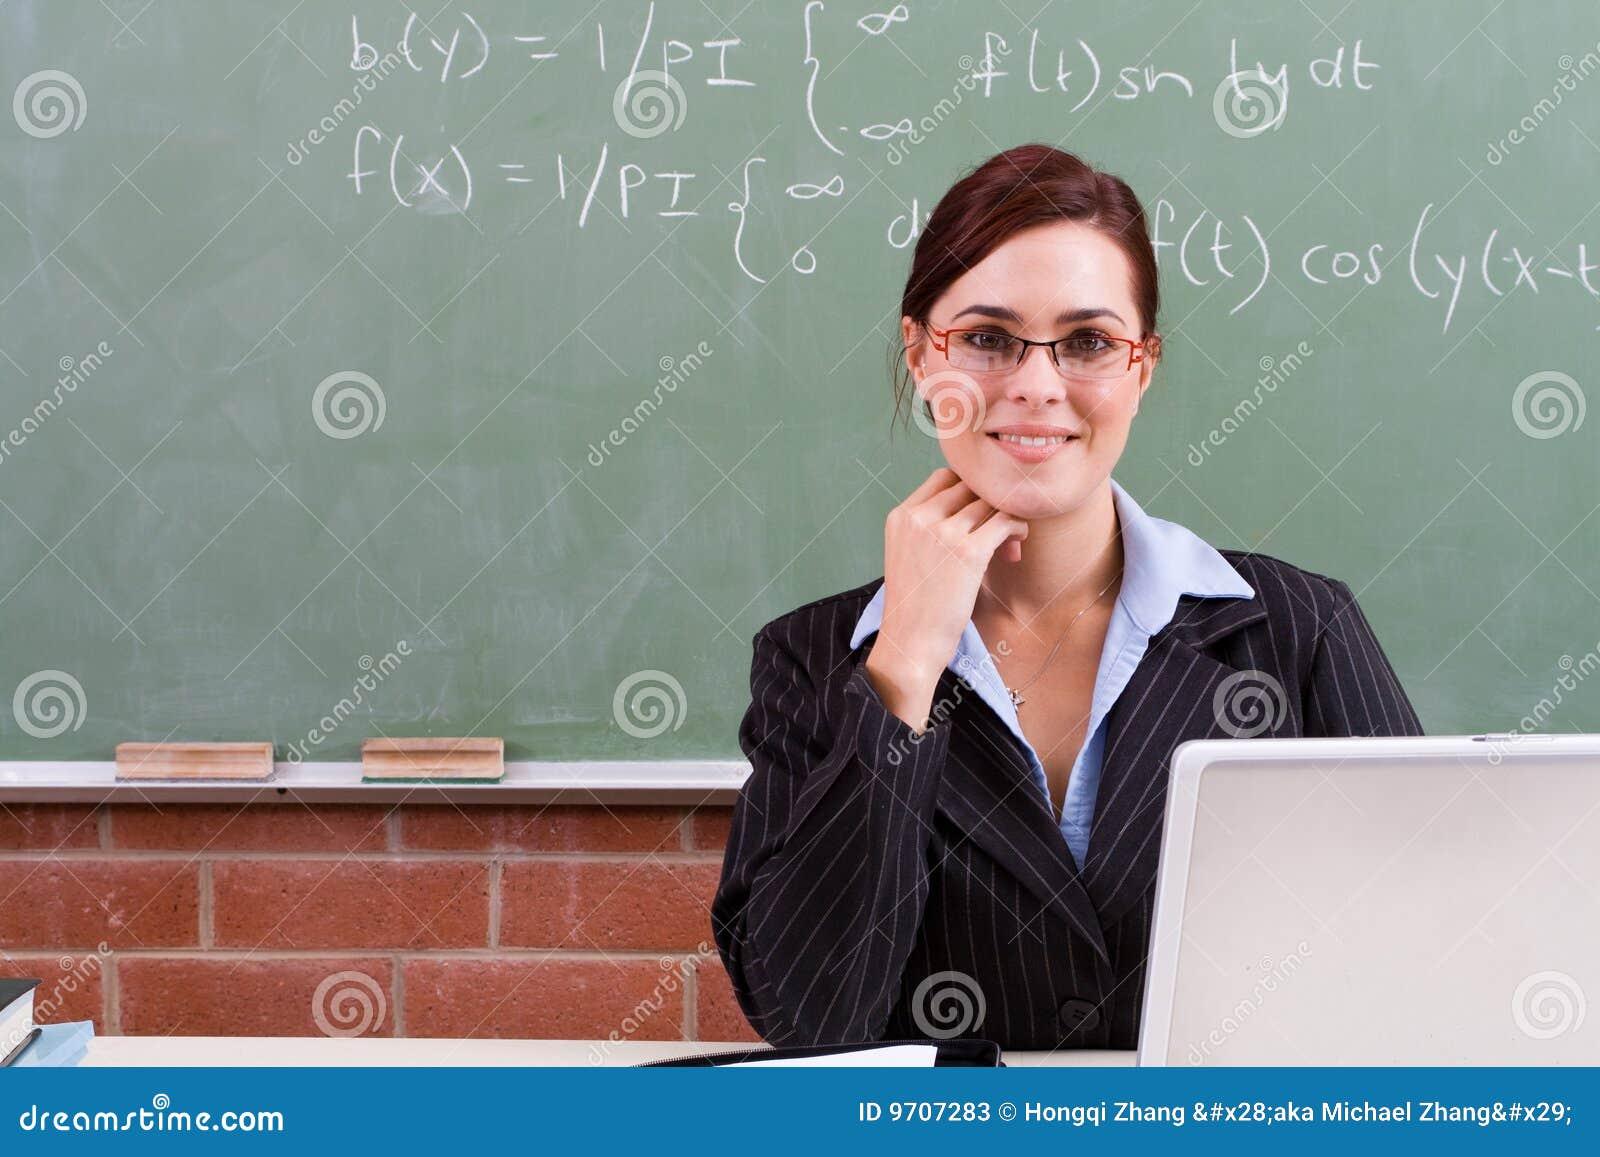 Фото молодая учительница 25 фотография